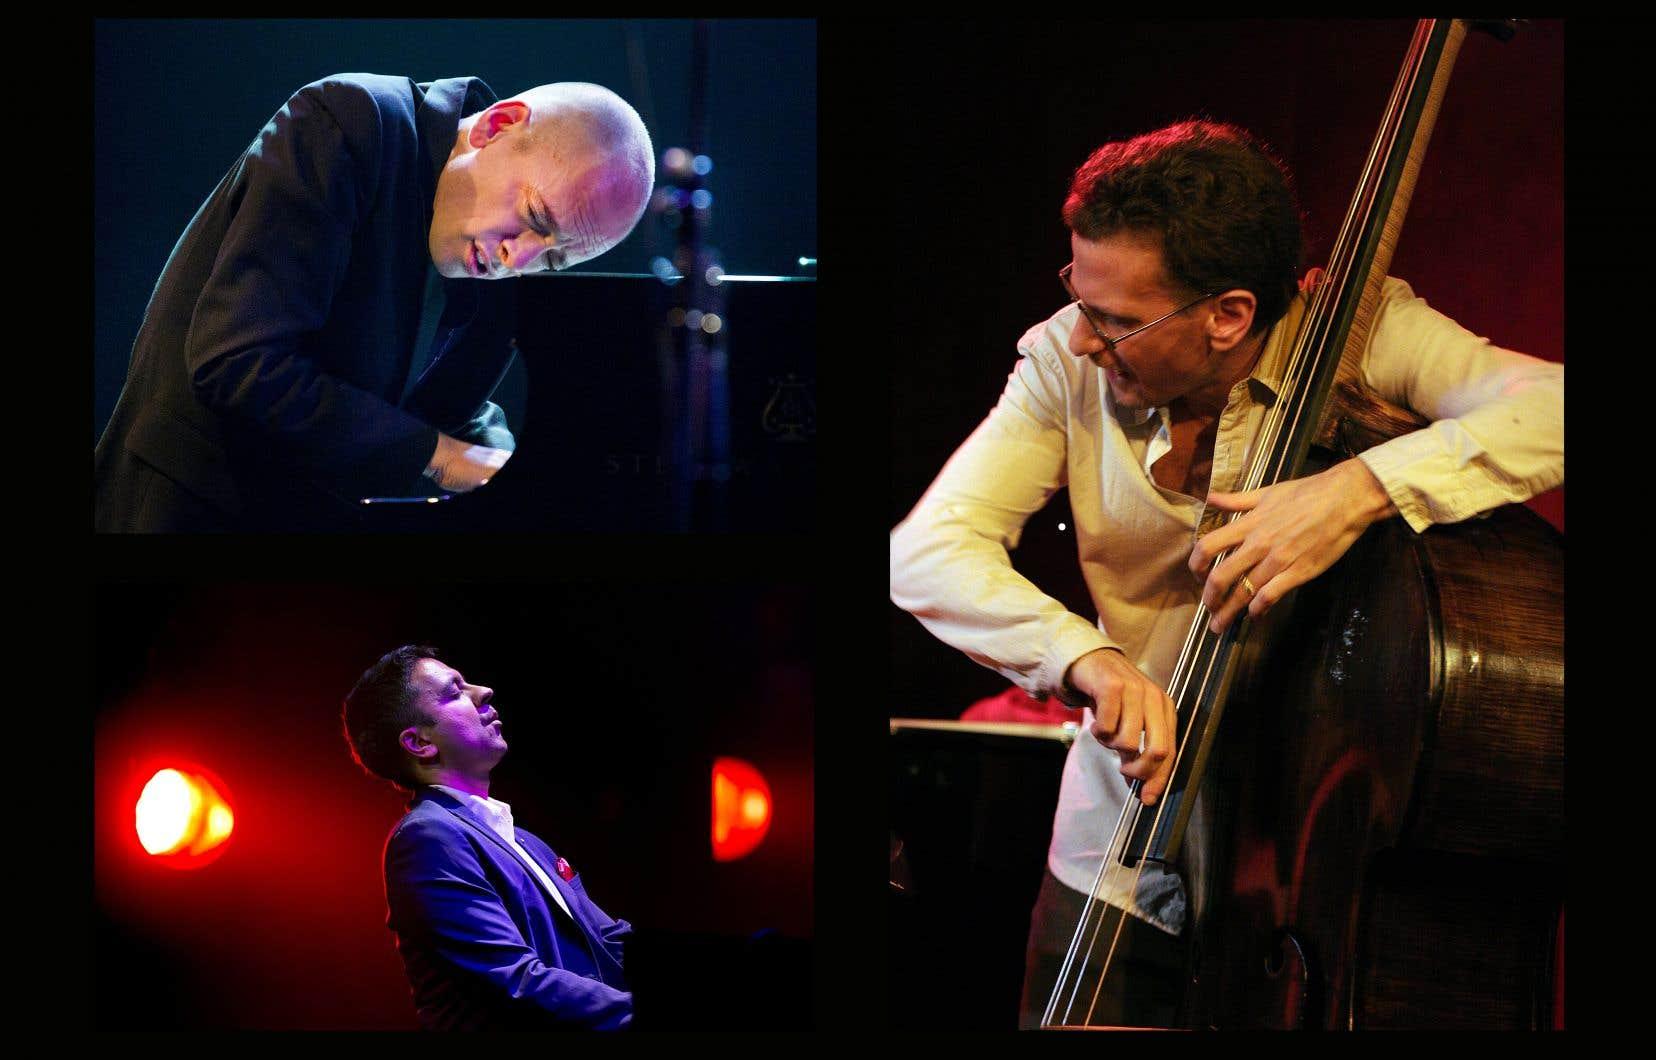 Se produisant chacun à la 40e édition du Festival international de jazz de Montréal, les pianistes Tord Gustavsen (en haut à gauche) et Vijay Iyer (en bas à gauche) ainsi que le contrebassiste Larry Grenadier (à droite) ont tous contribué au rayonnement du label allemand ECM.